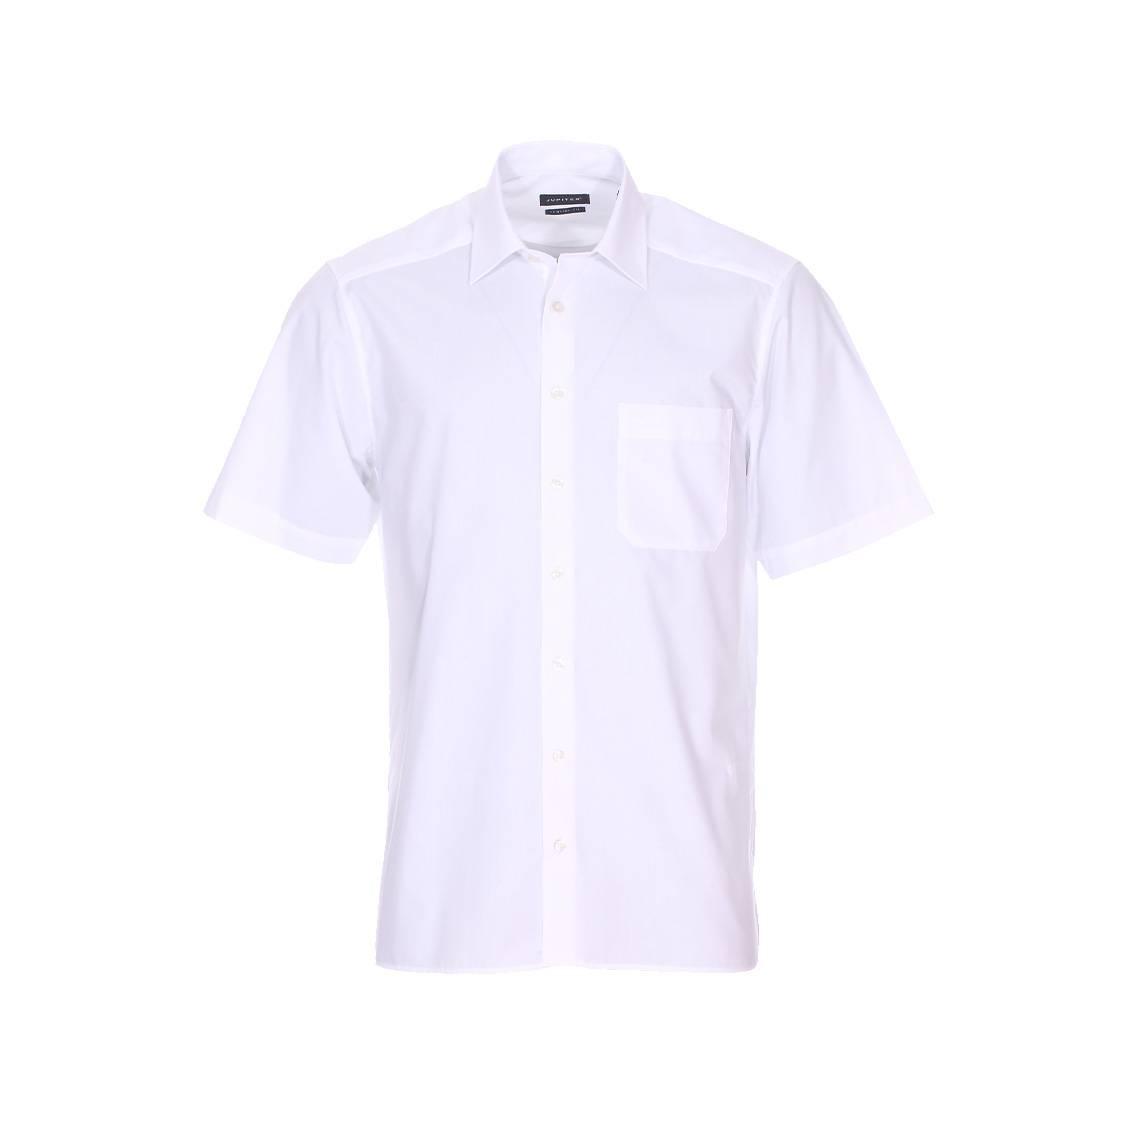 Chemise droite manches courtes  en coton mélangé blanc